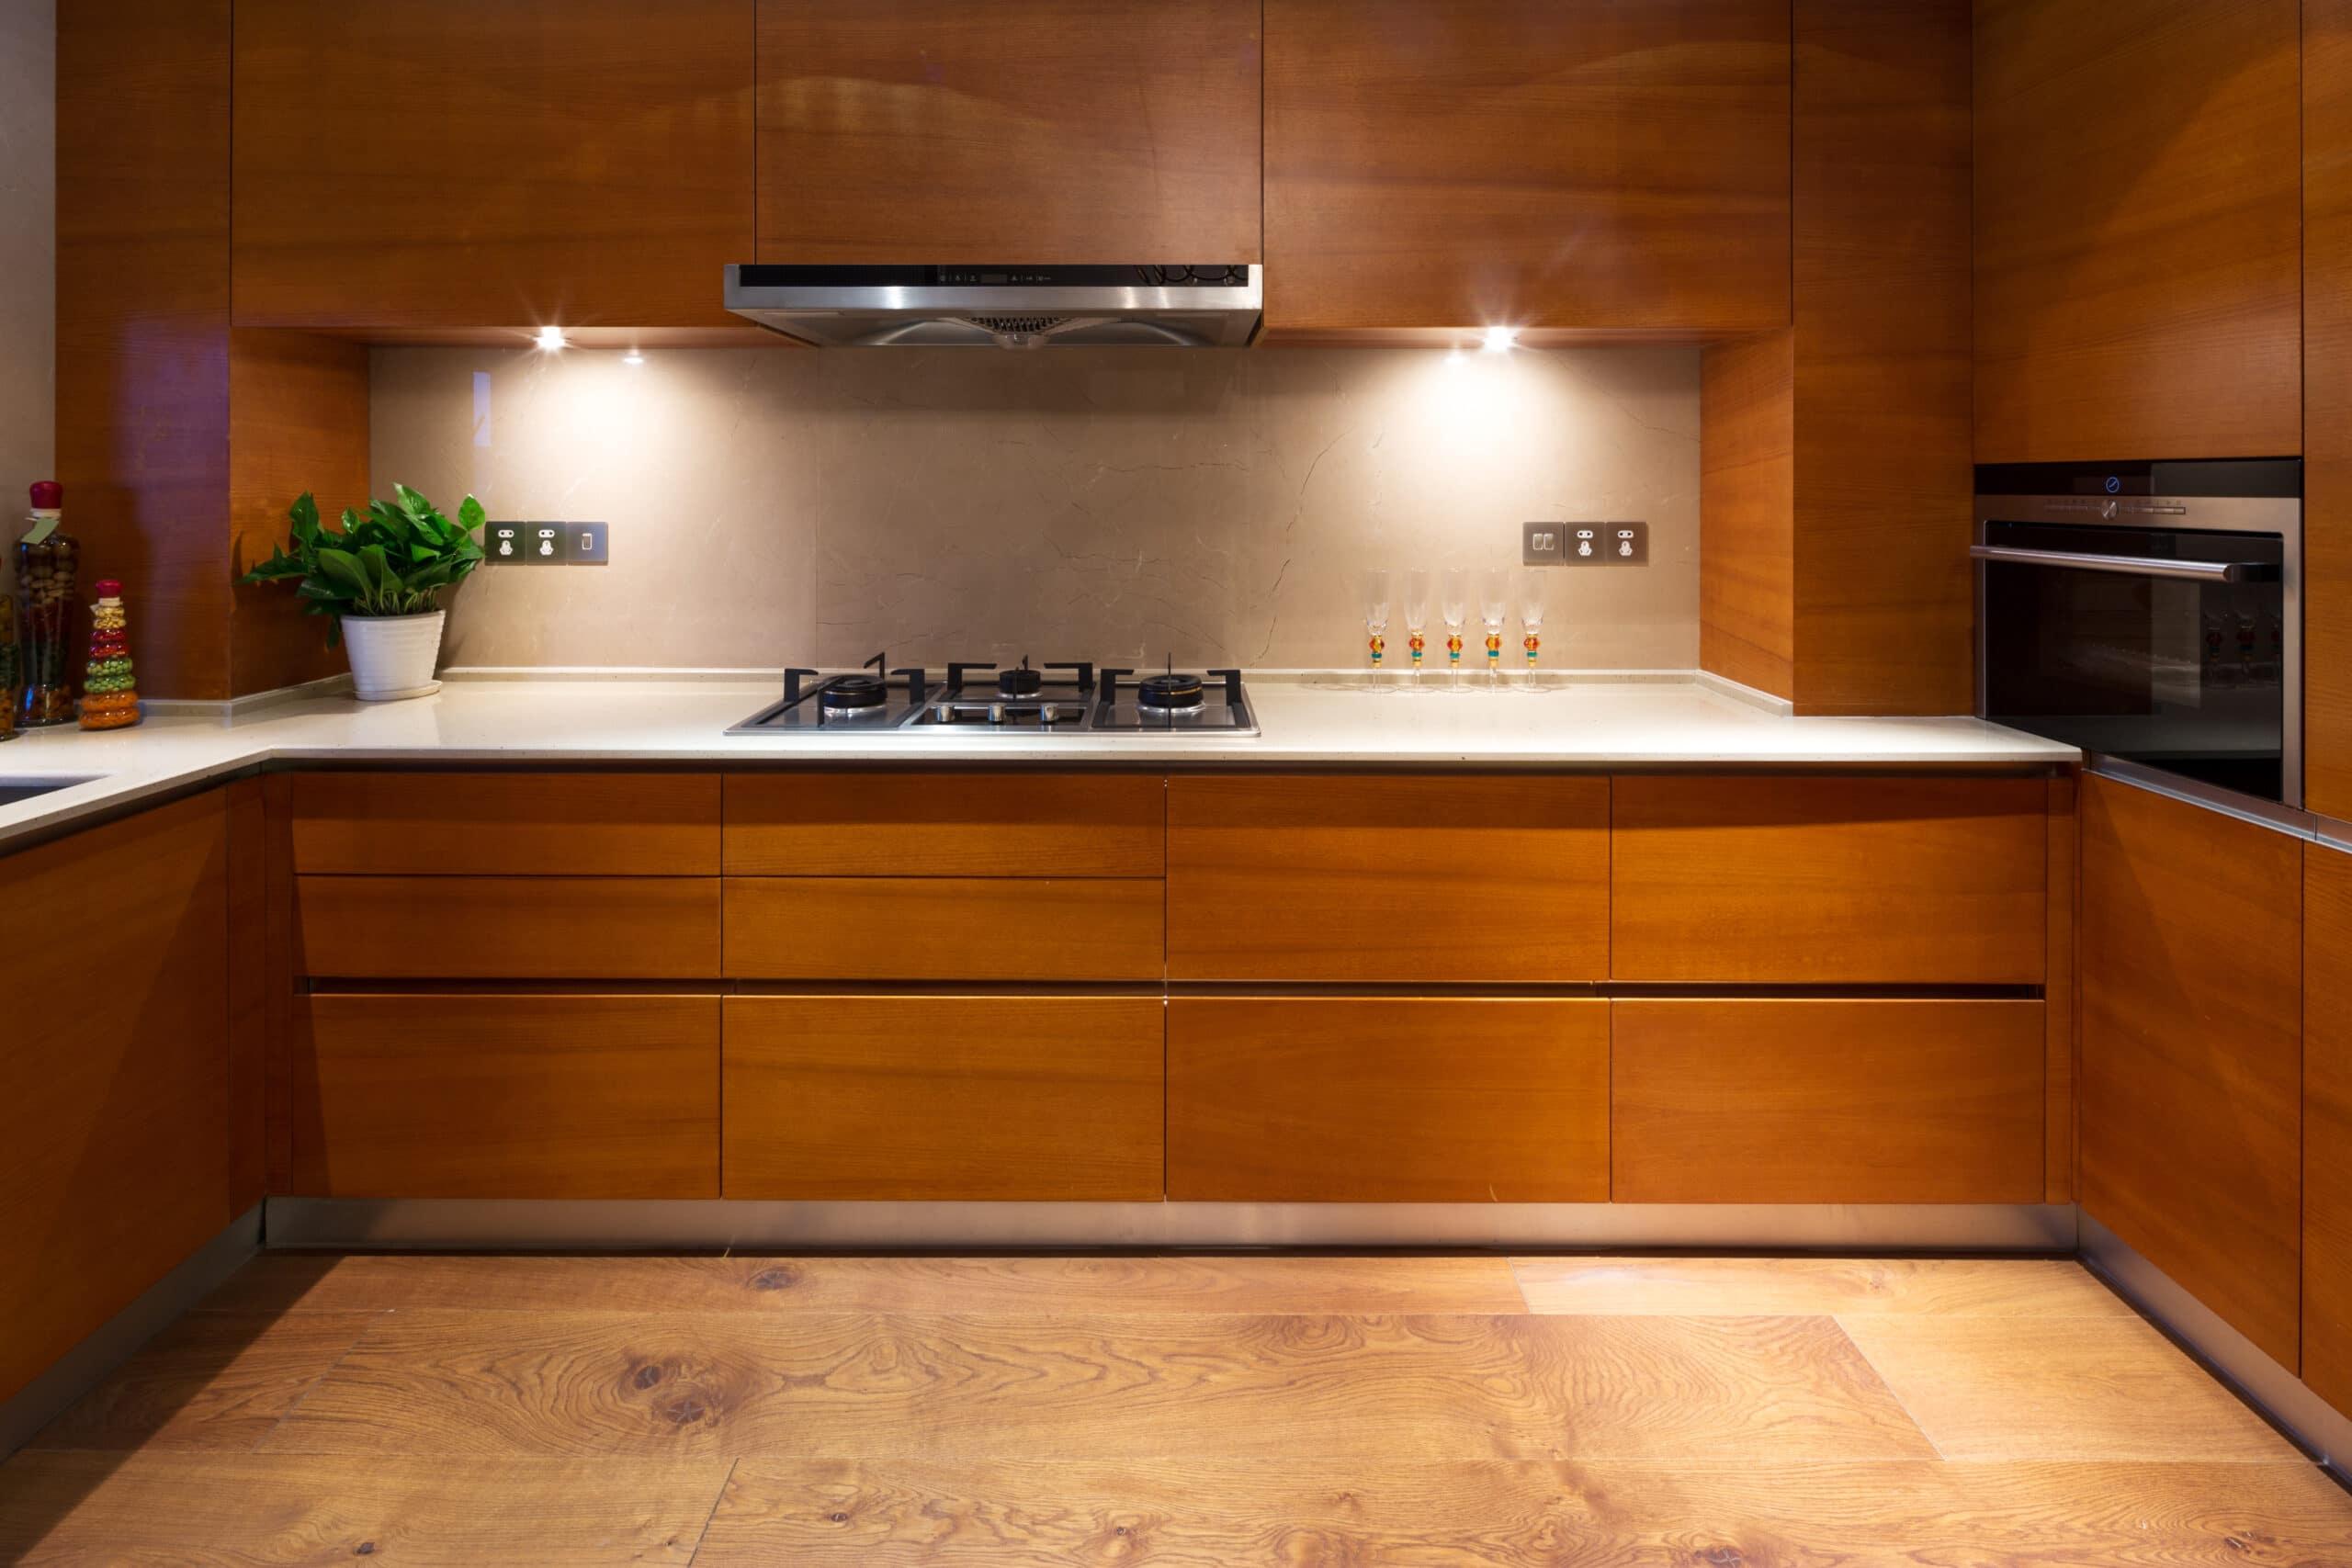 מטבחים מעץ חברות מטבחים המשווקות מטבחים מותאמים לפי הזמנה בעלי הבחנה מקצועית עם מתן אחריות לעבודתם ומומחים להקמת אי במטבח מכל חומר במקביל להפעלת המקרר והתנור ללקוח במטבח שלו